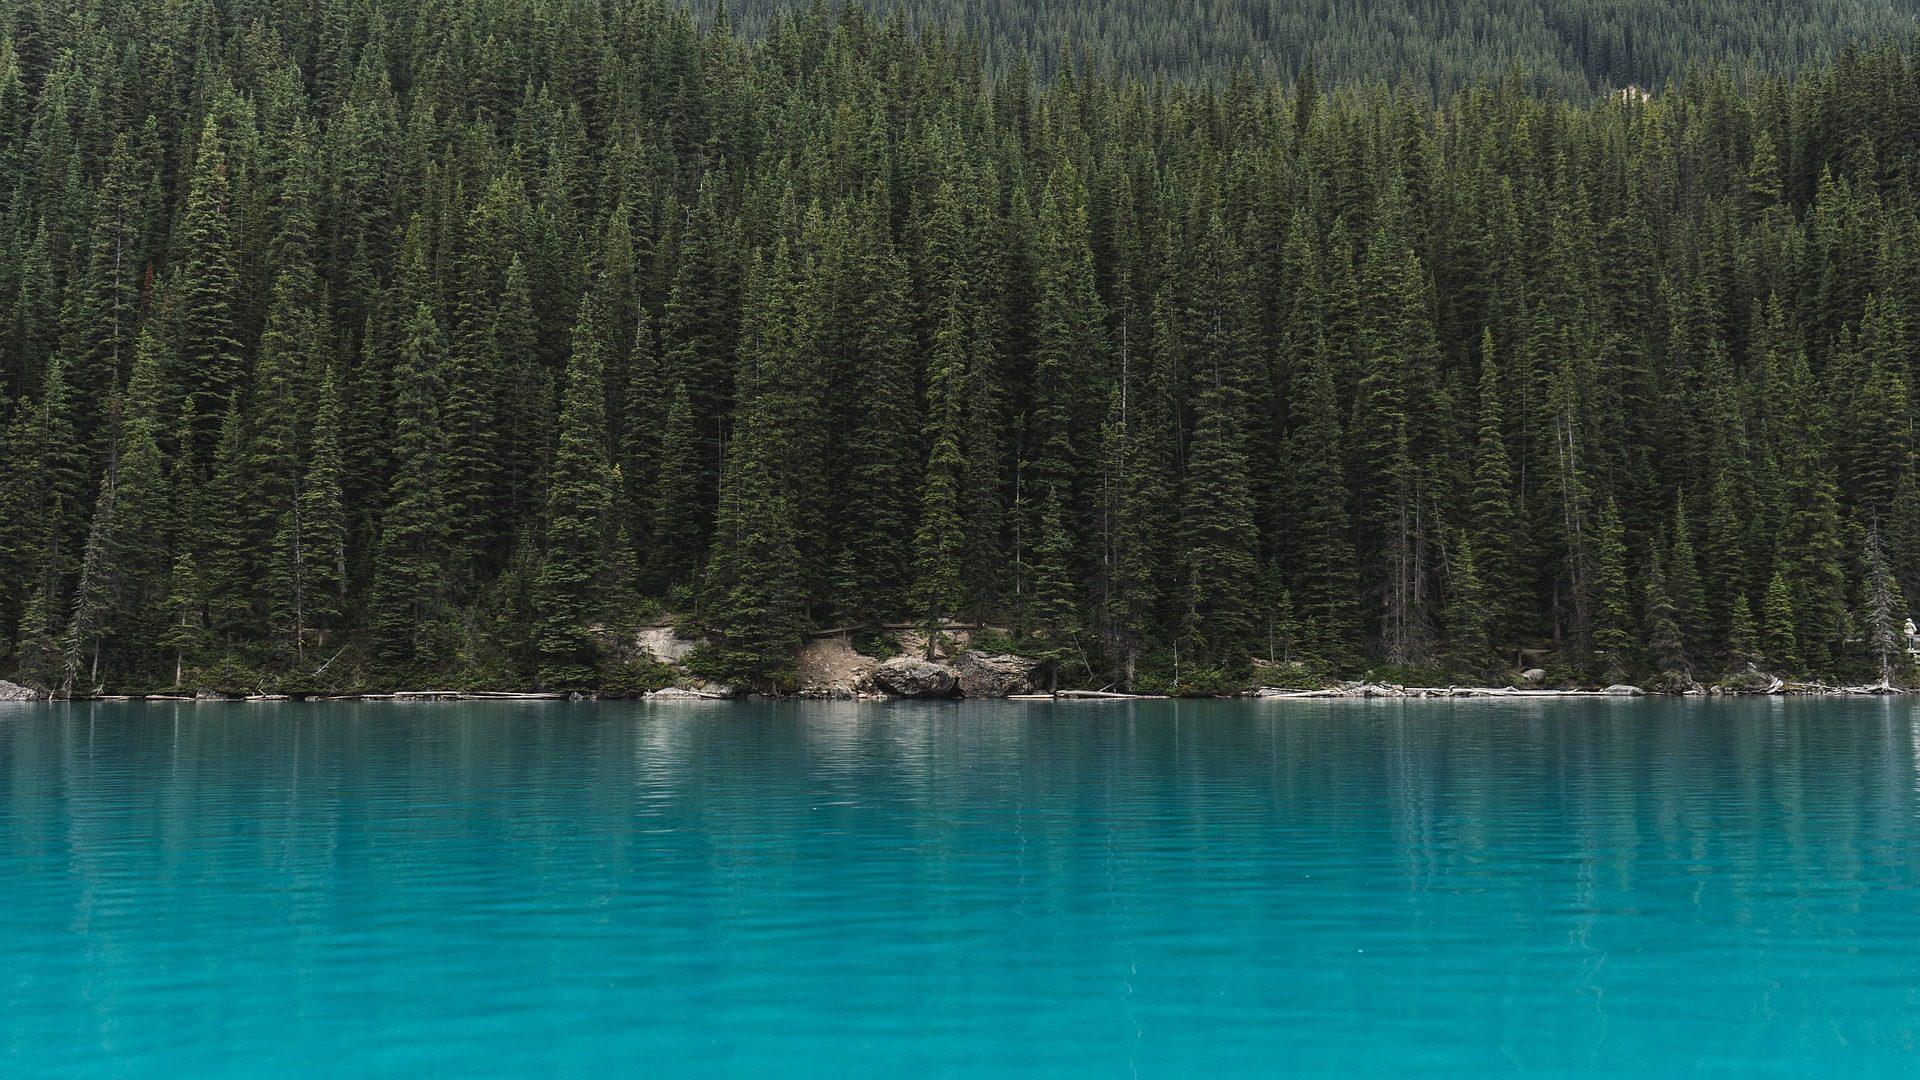 湖, 绿松石, 树木, 松树, 森林 - 高清壁纸 - 教授-falken.com